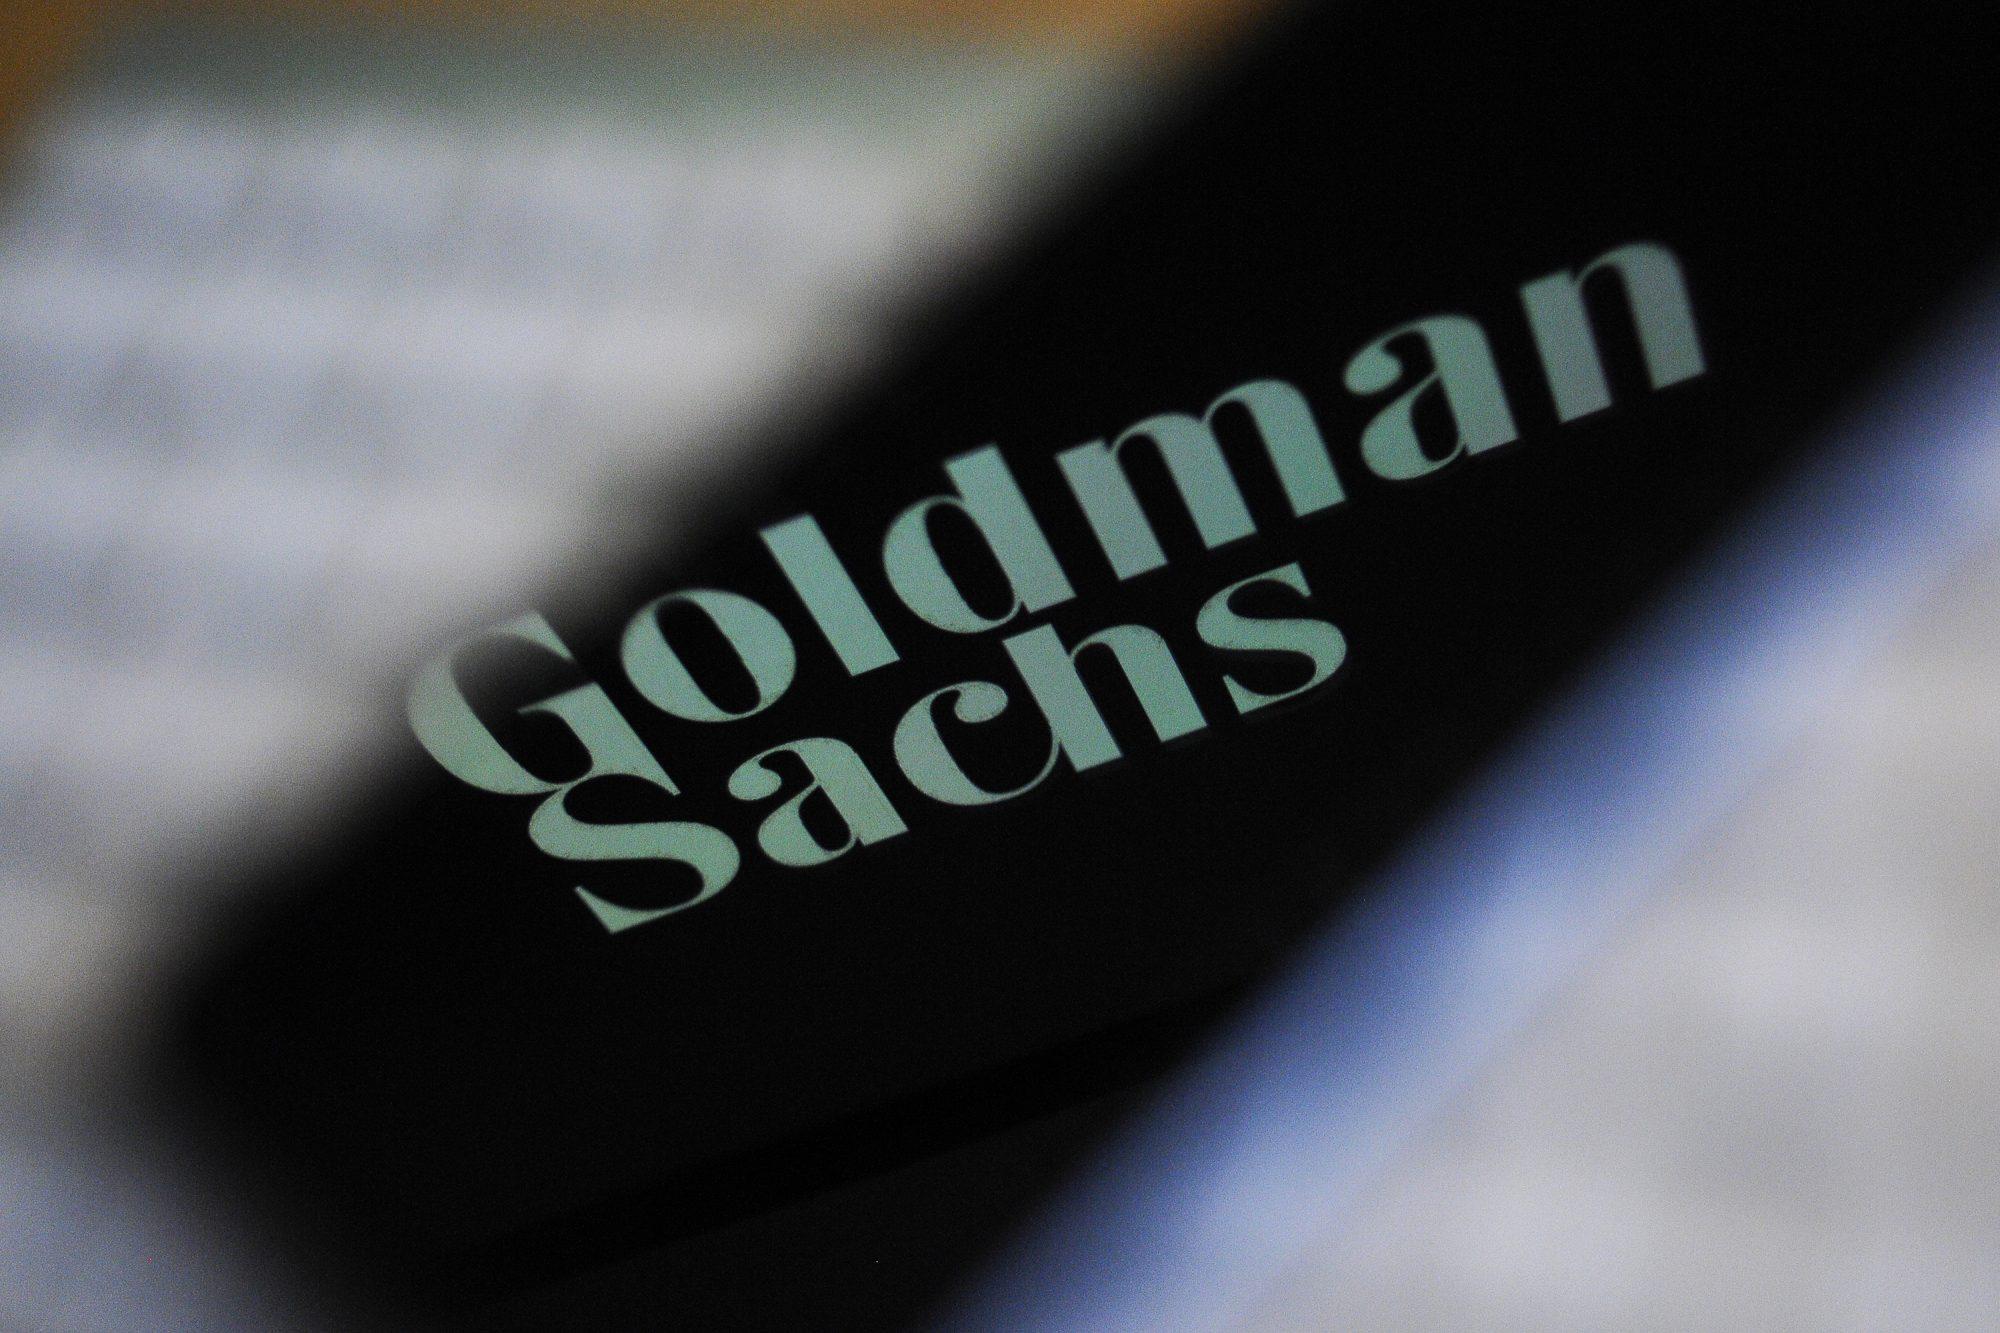 Goldman Sachs News